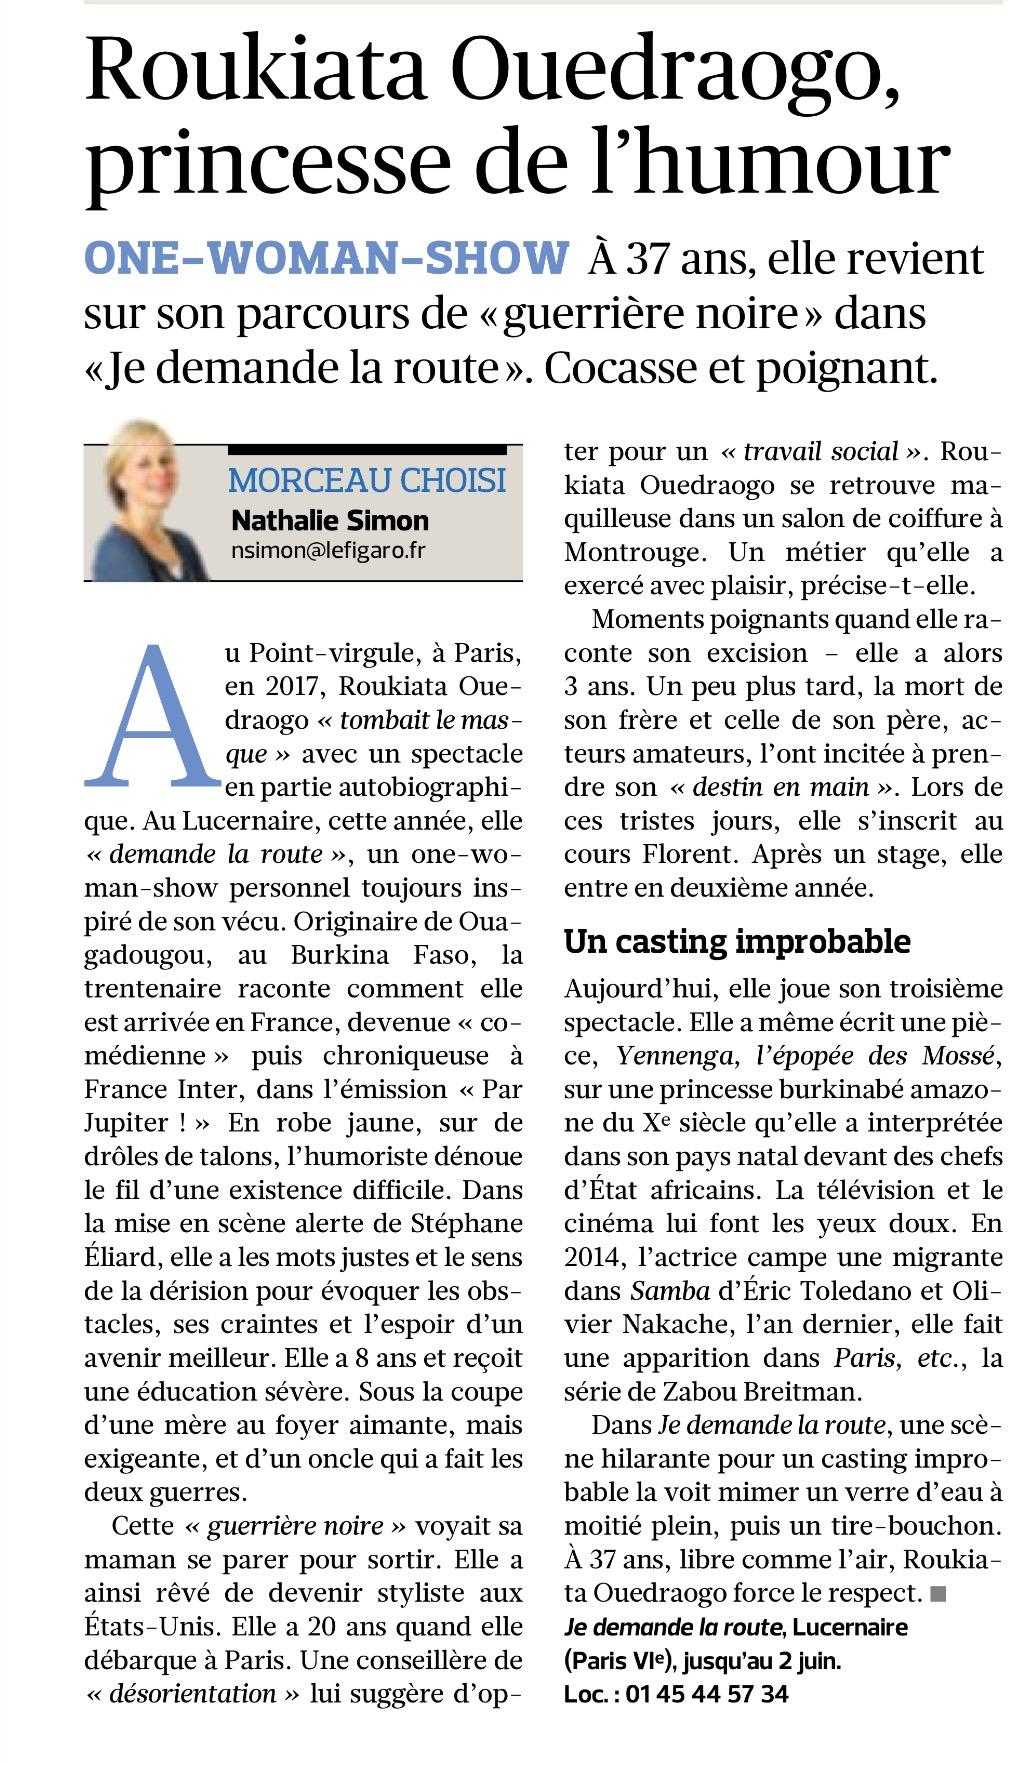 Le Figaro 16.03.18